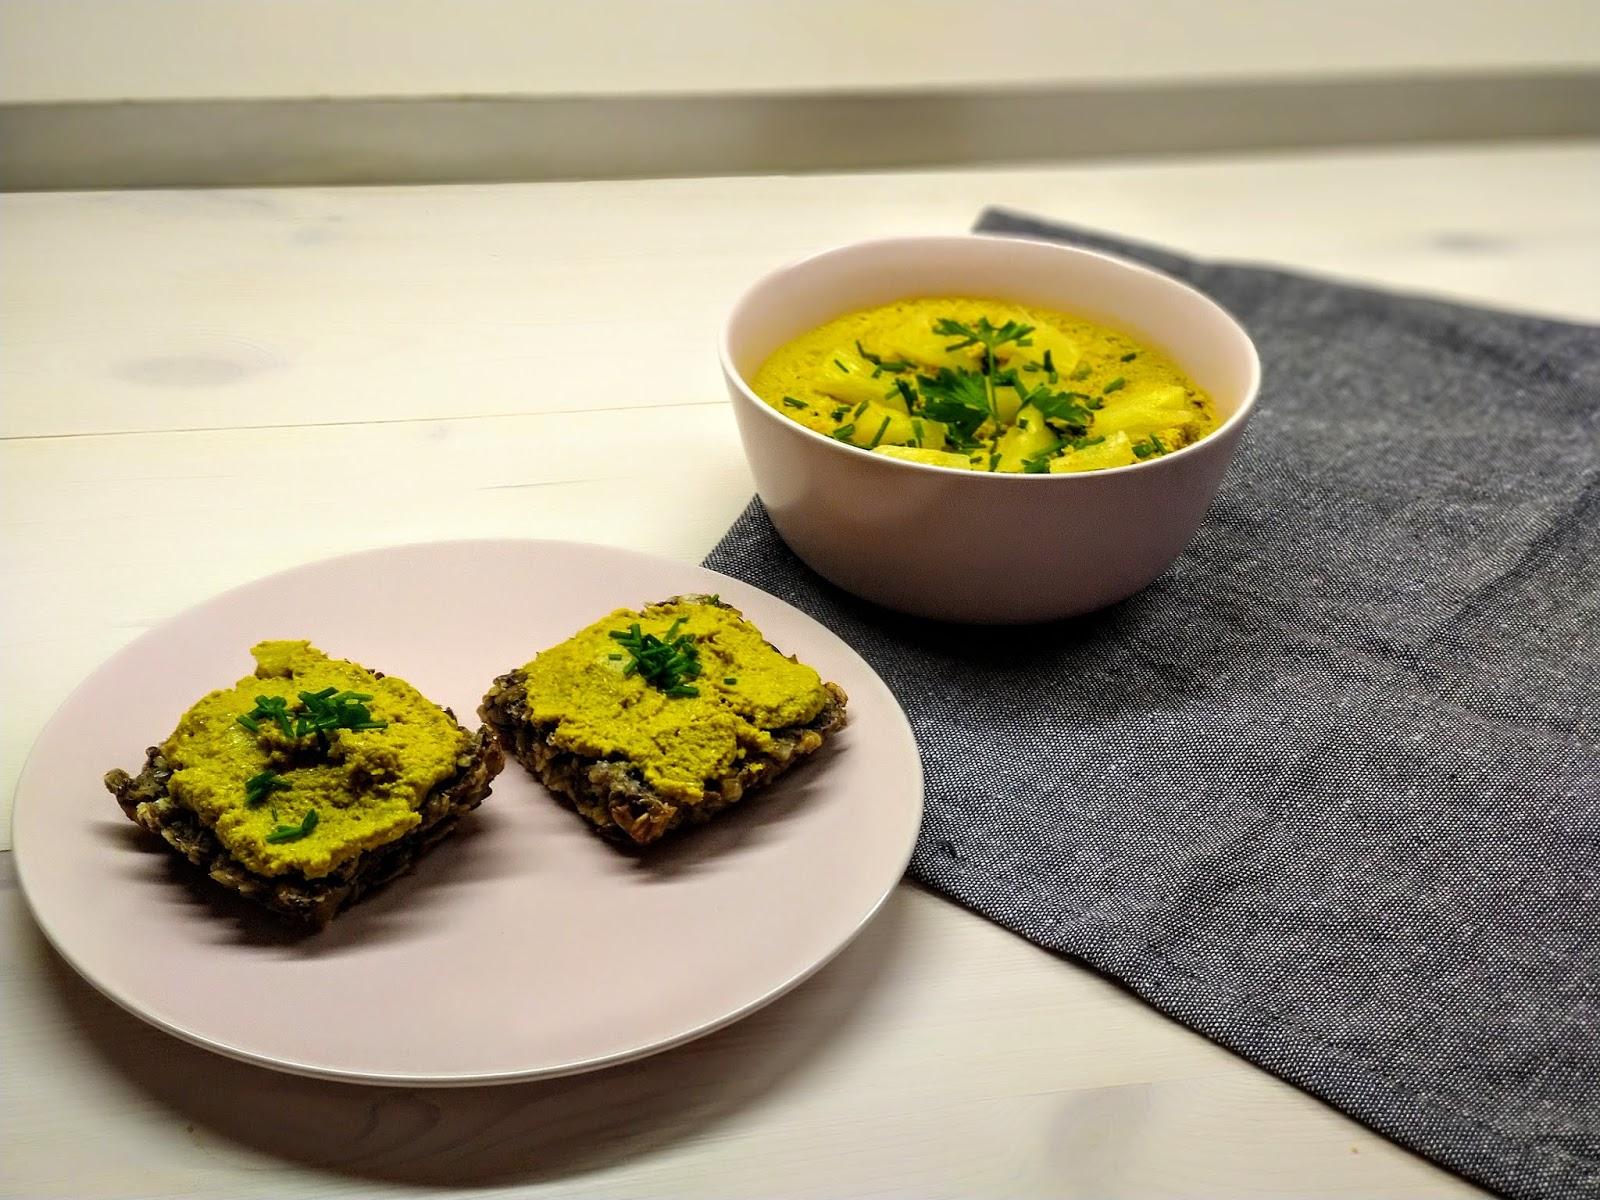 Pyszna wegańska pasta słonecznikowa z curry i ananasem - do pieczywa